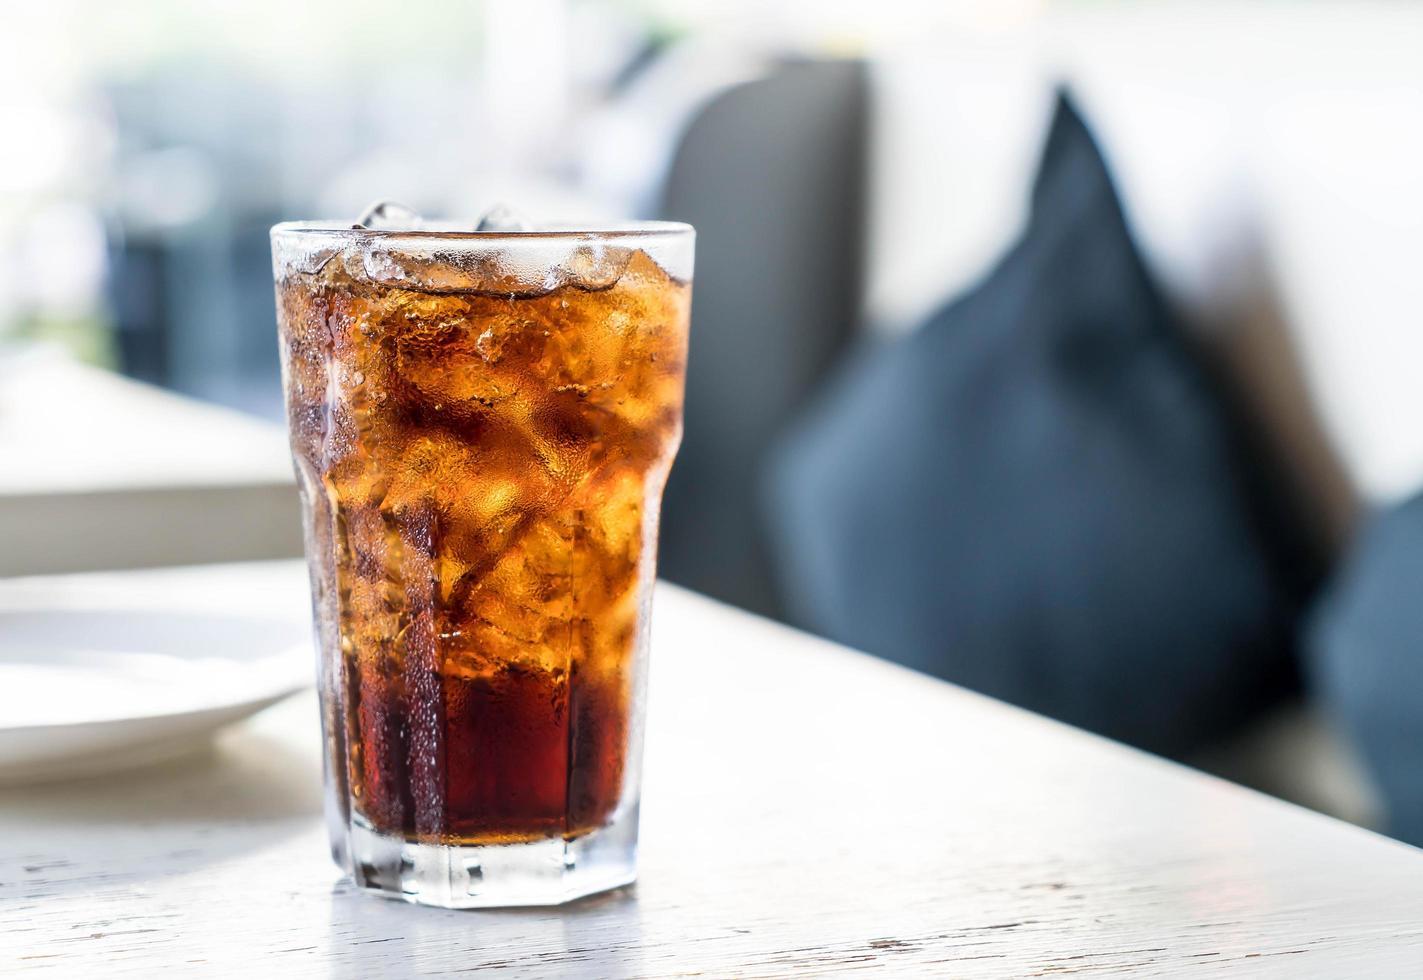 cola glacé sur la table photo